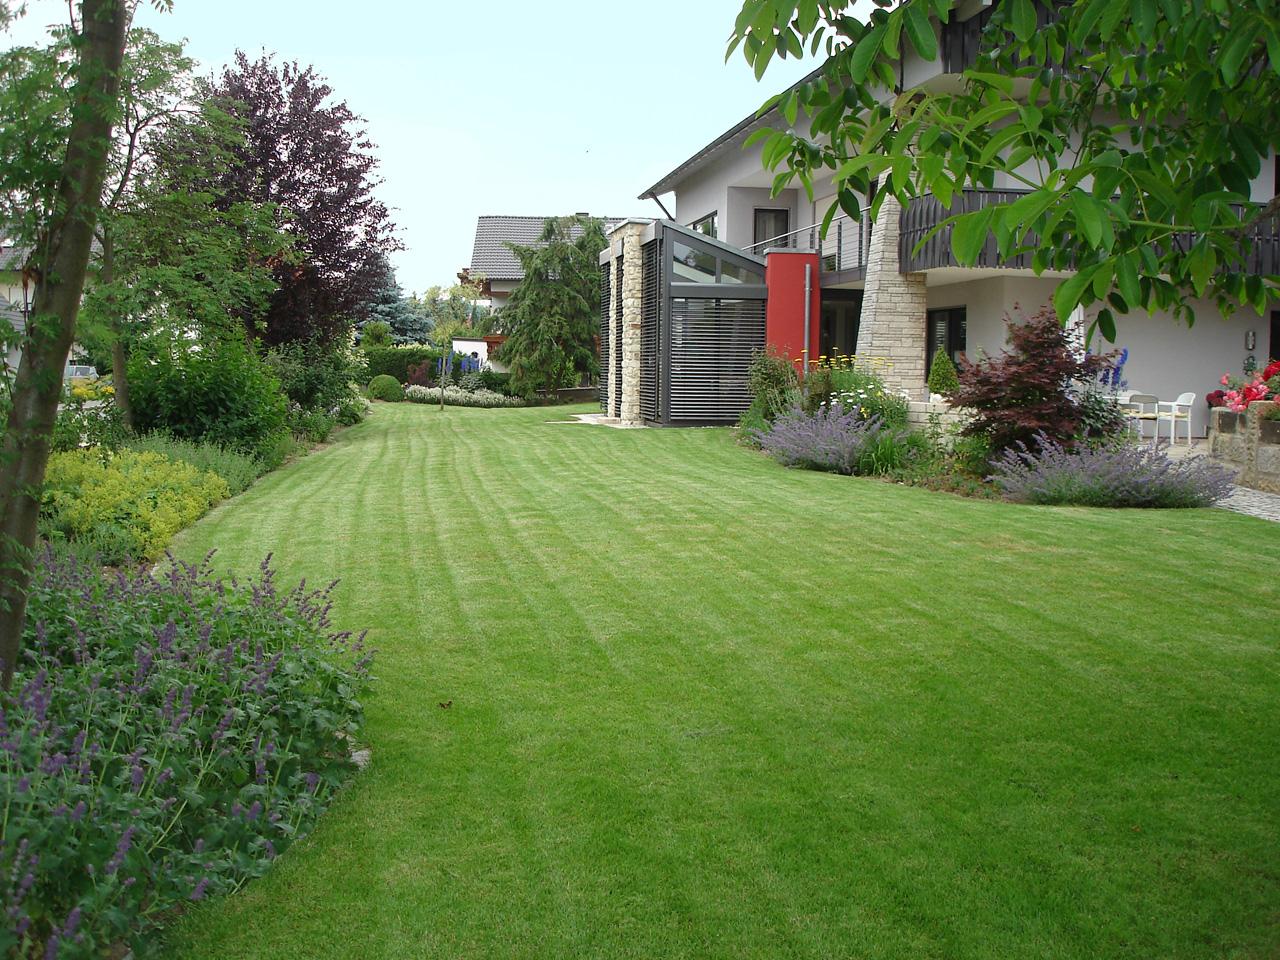 Gartenpflege vom Profi: Ohne Stress zum perfecten Ergebnis!